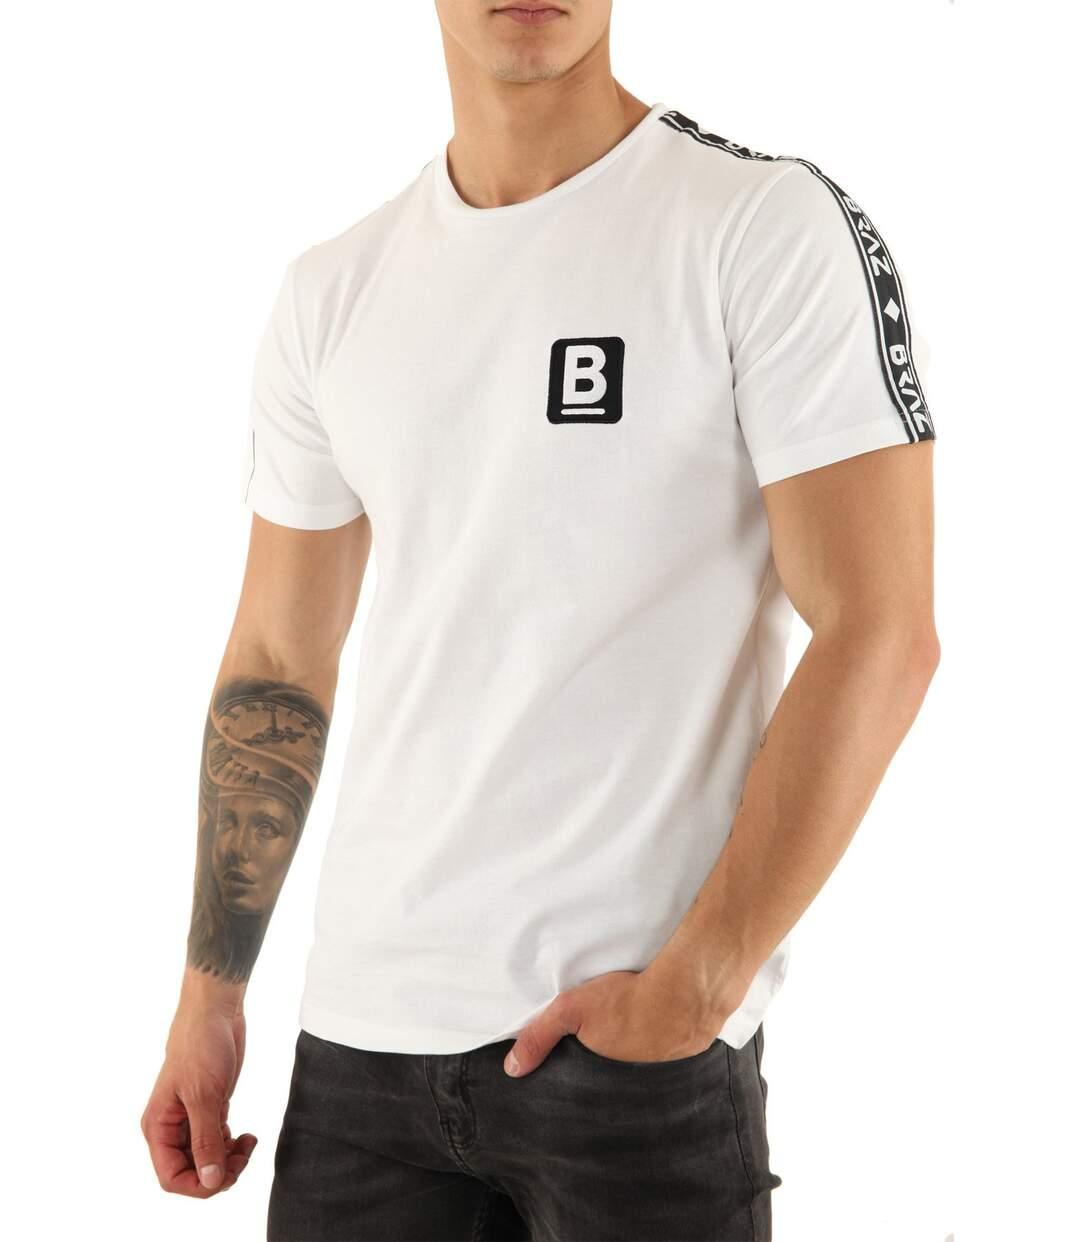 Tee shirt coton BR 213221  -  Braz - Homme